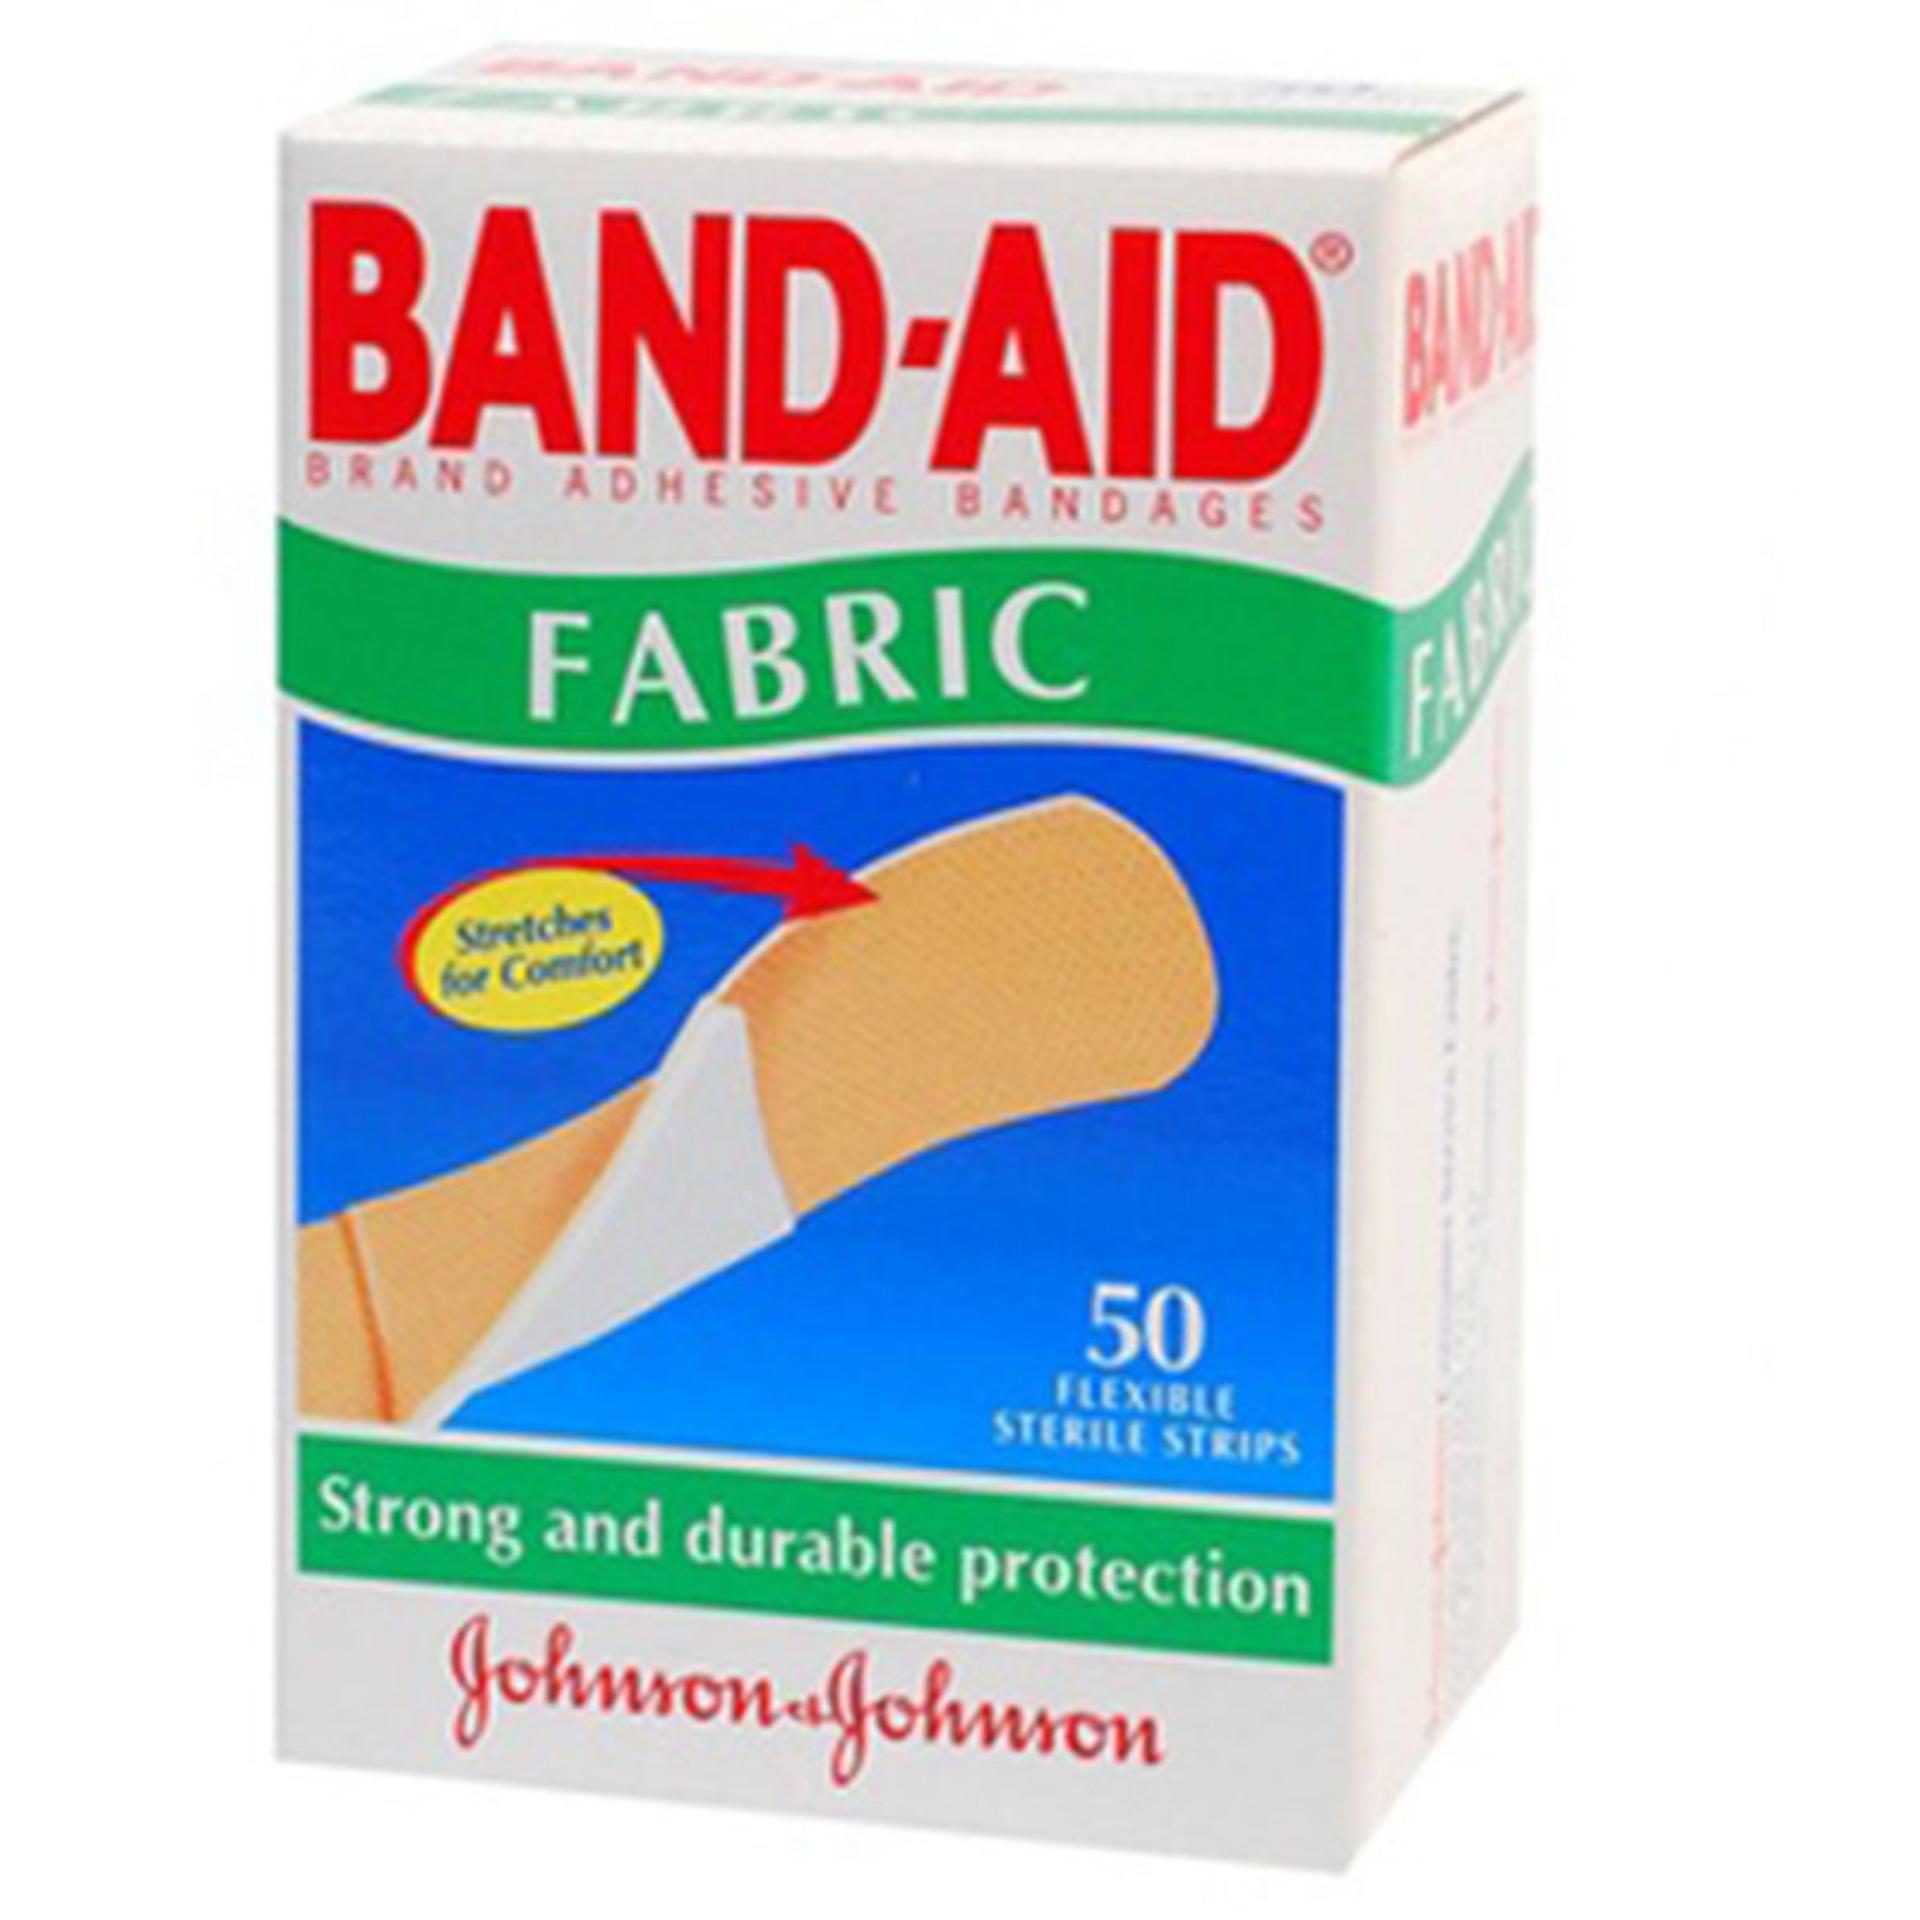 Băng dán cá nhân Band-aid fabric 50 băng